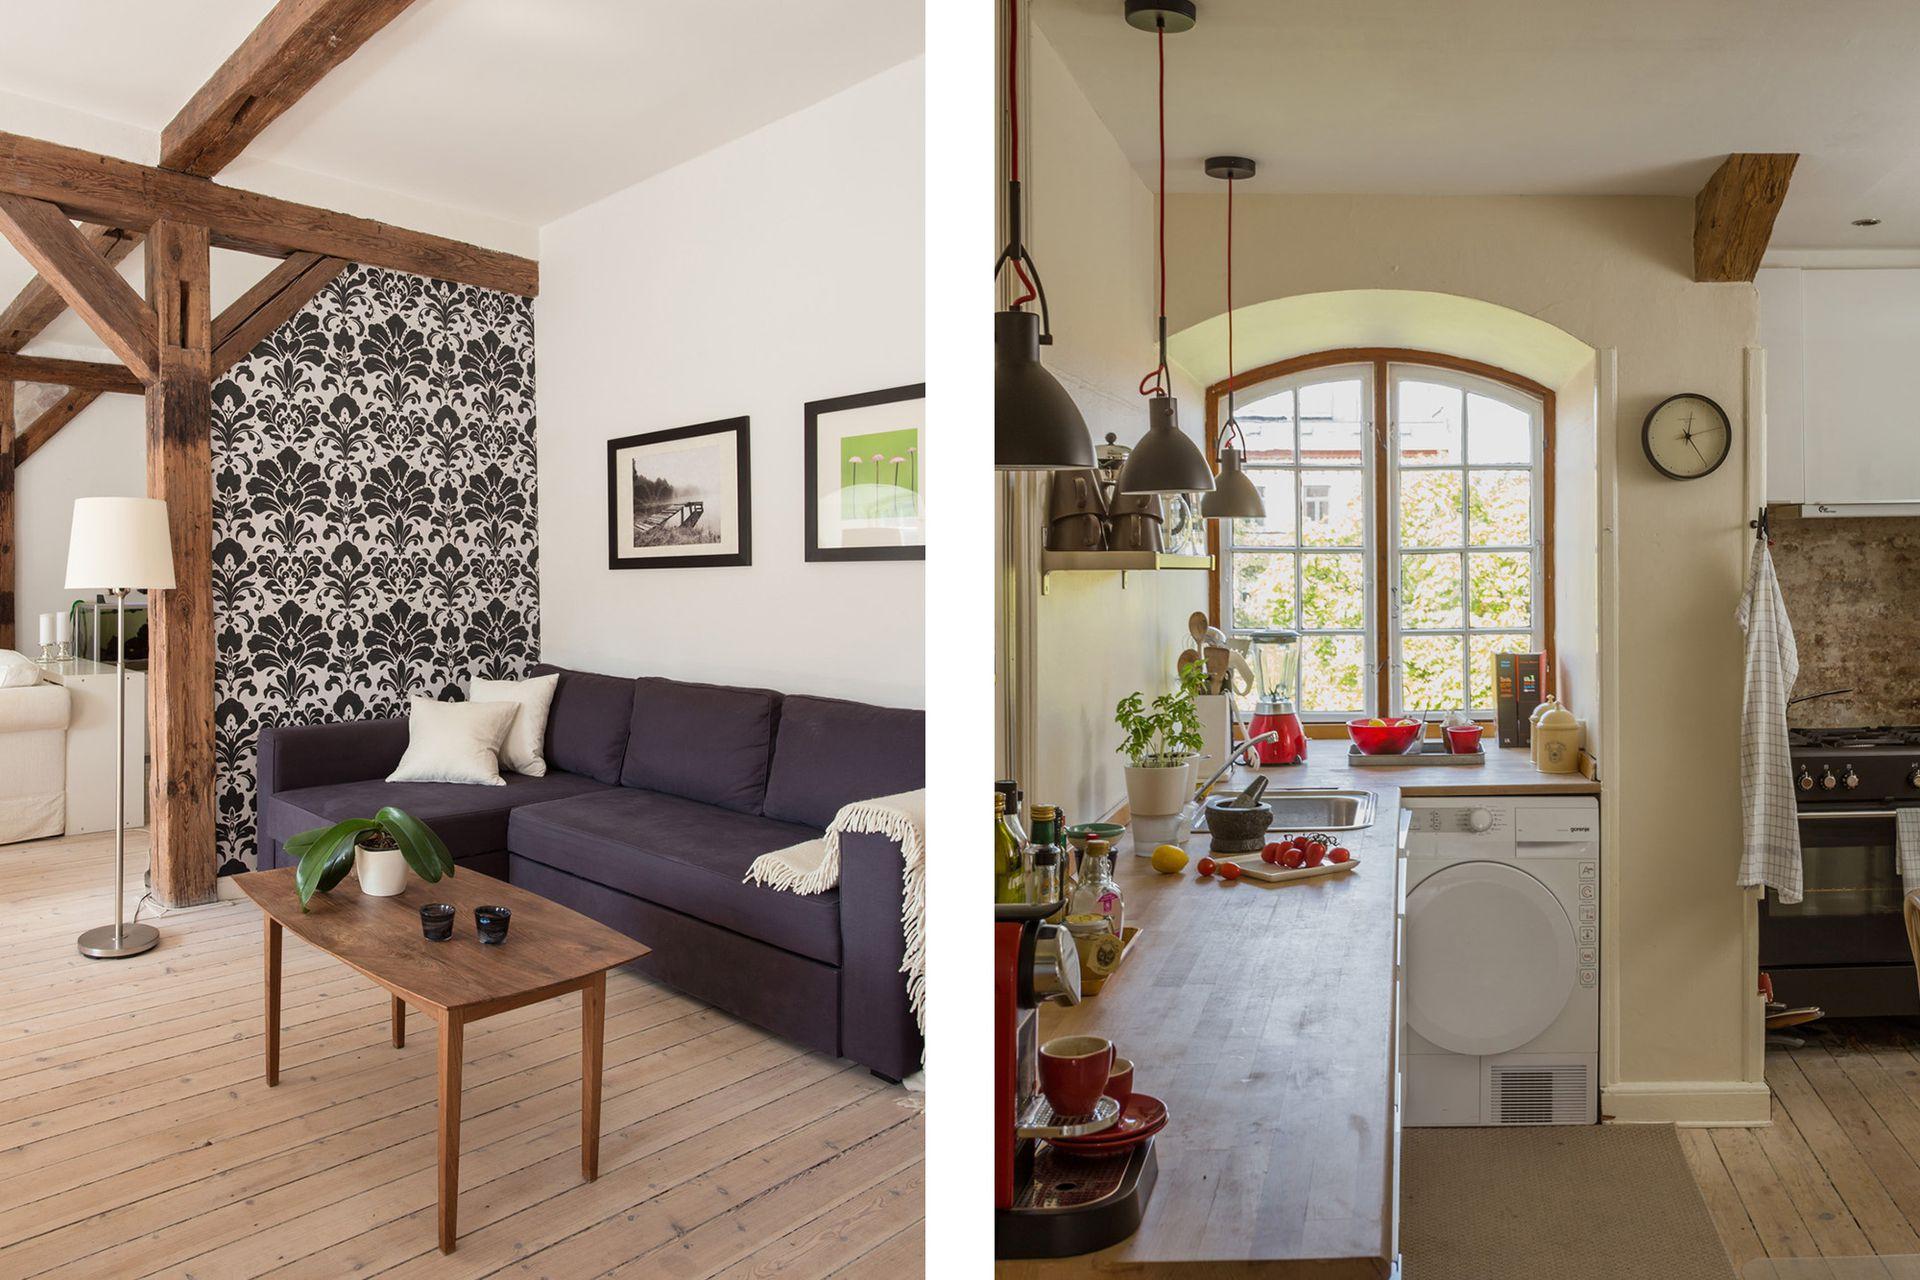 El sillón de tres cuerpos que se convierte en amplia cama –vista de lujo en ambas posiciones–, uno de los pocos acentos oscuros de la casa.